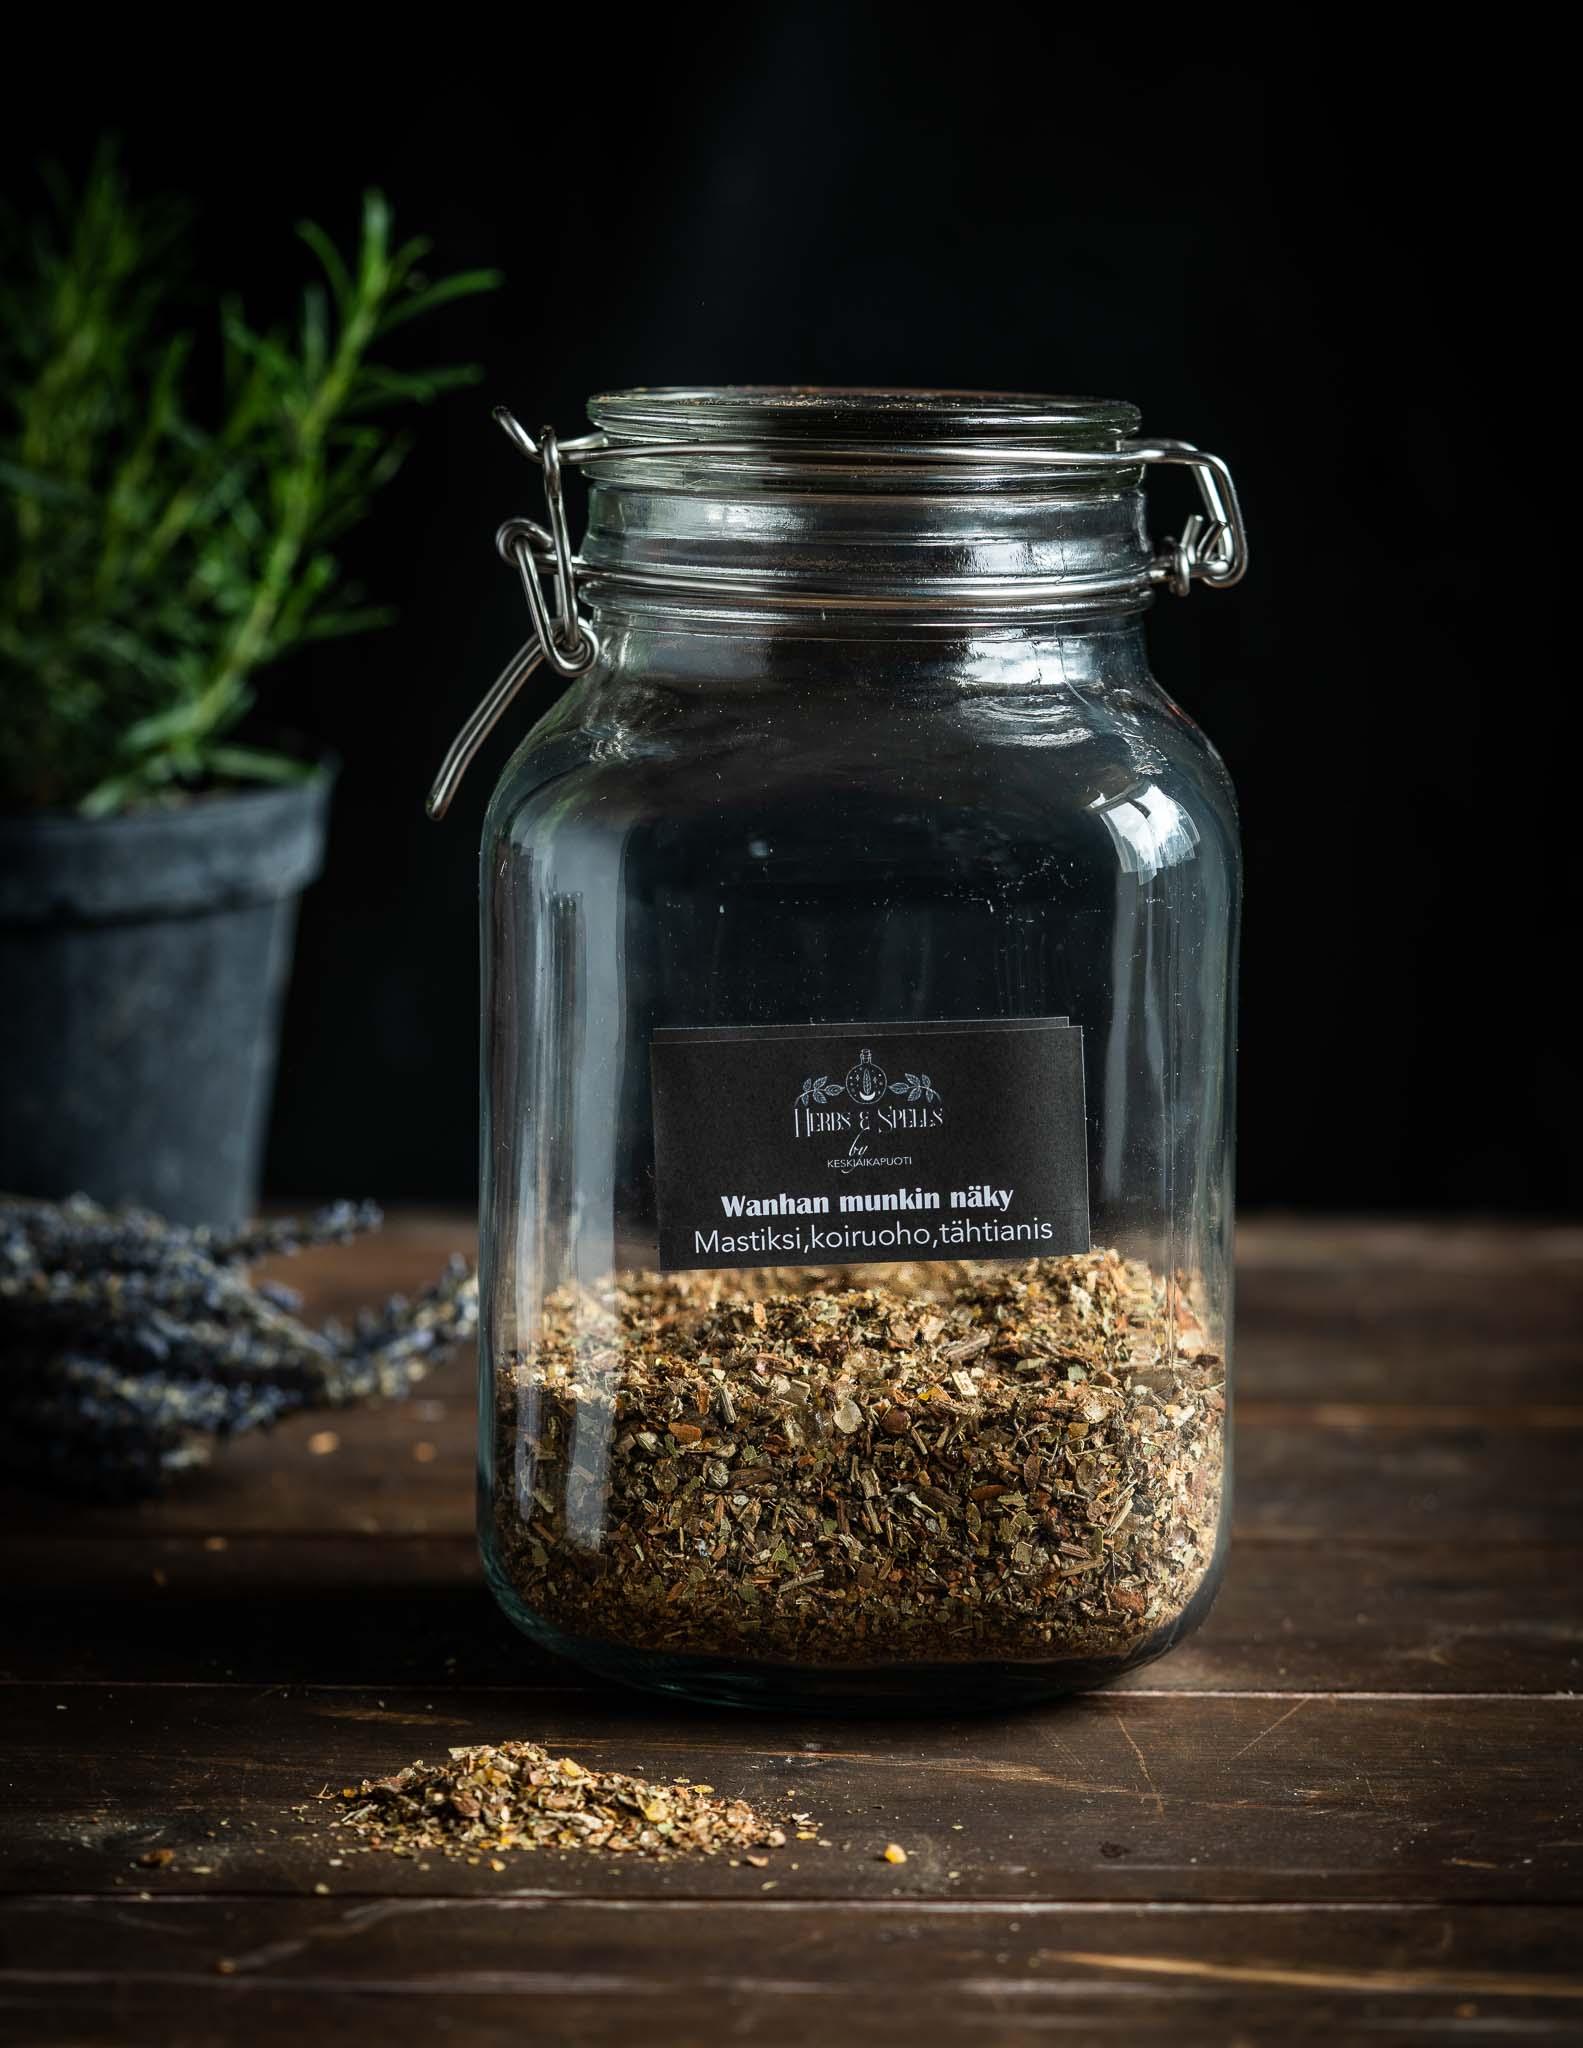 Wanhan munkin näky - suitsuke (Herbs&Spell by keskiaikapuoti)